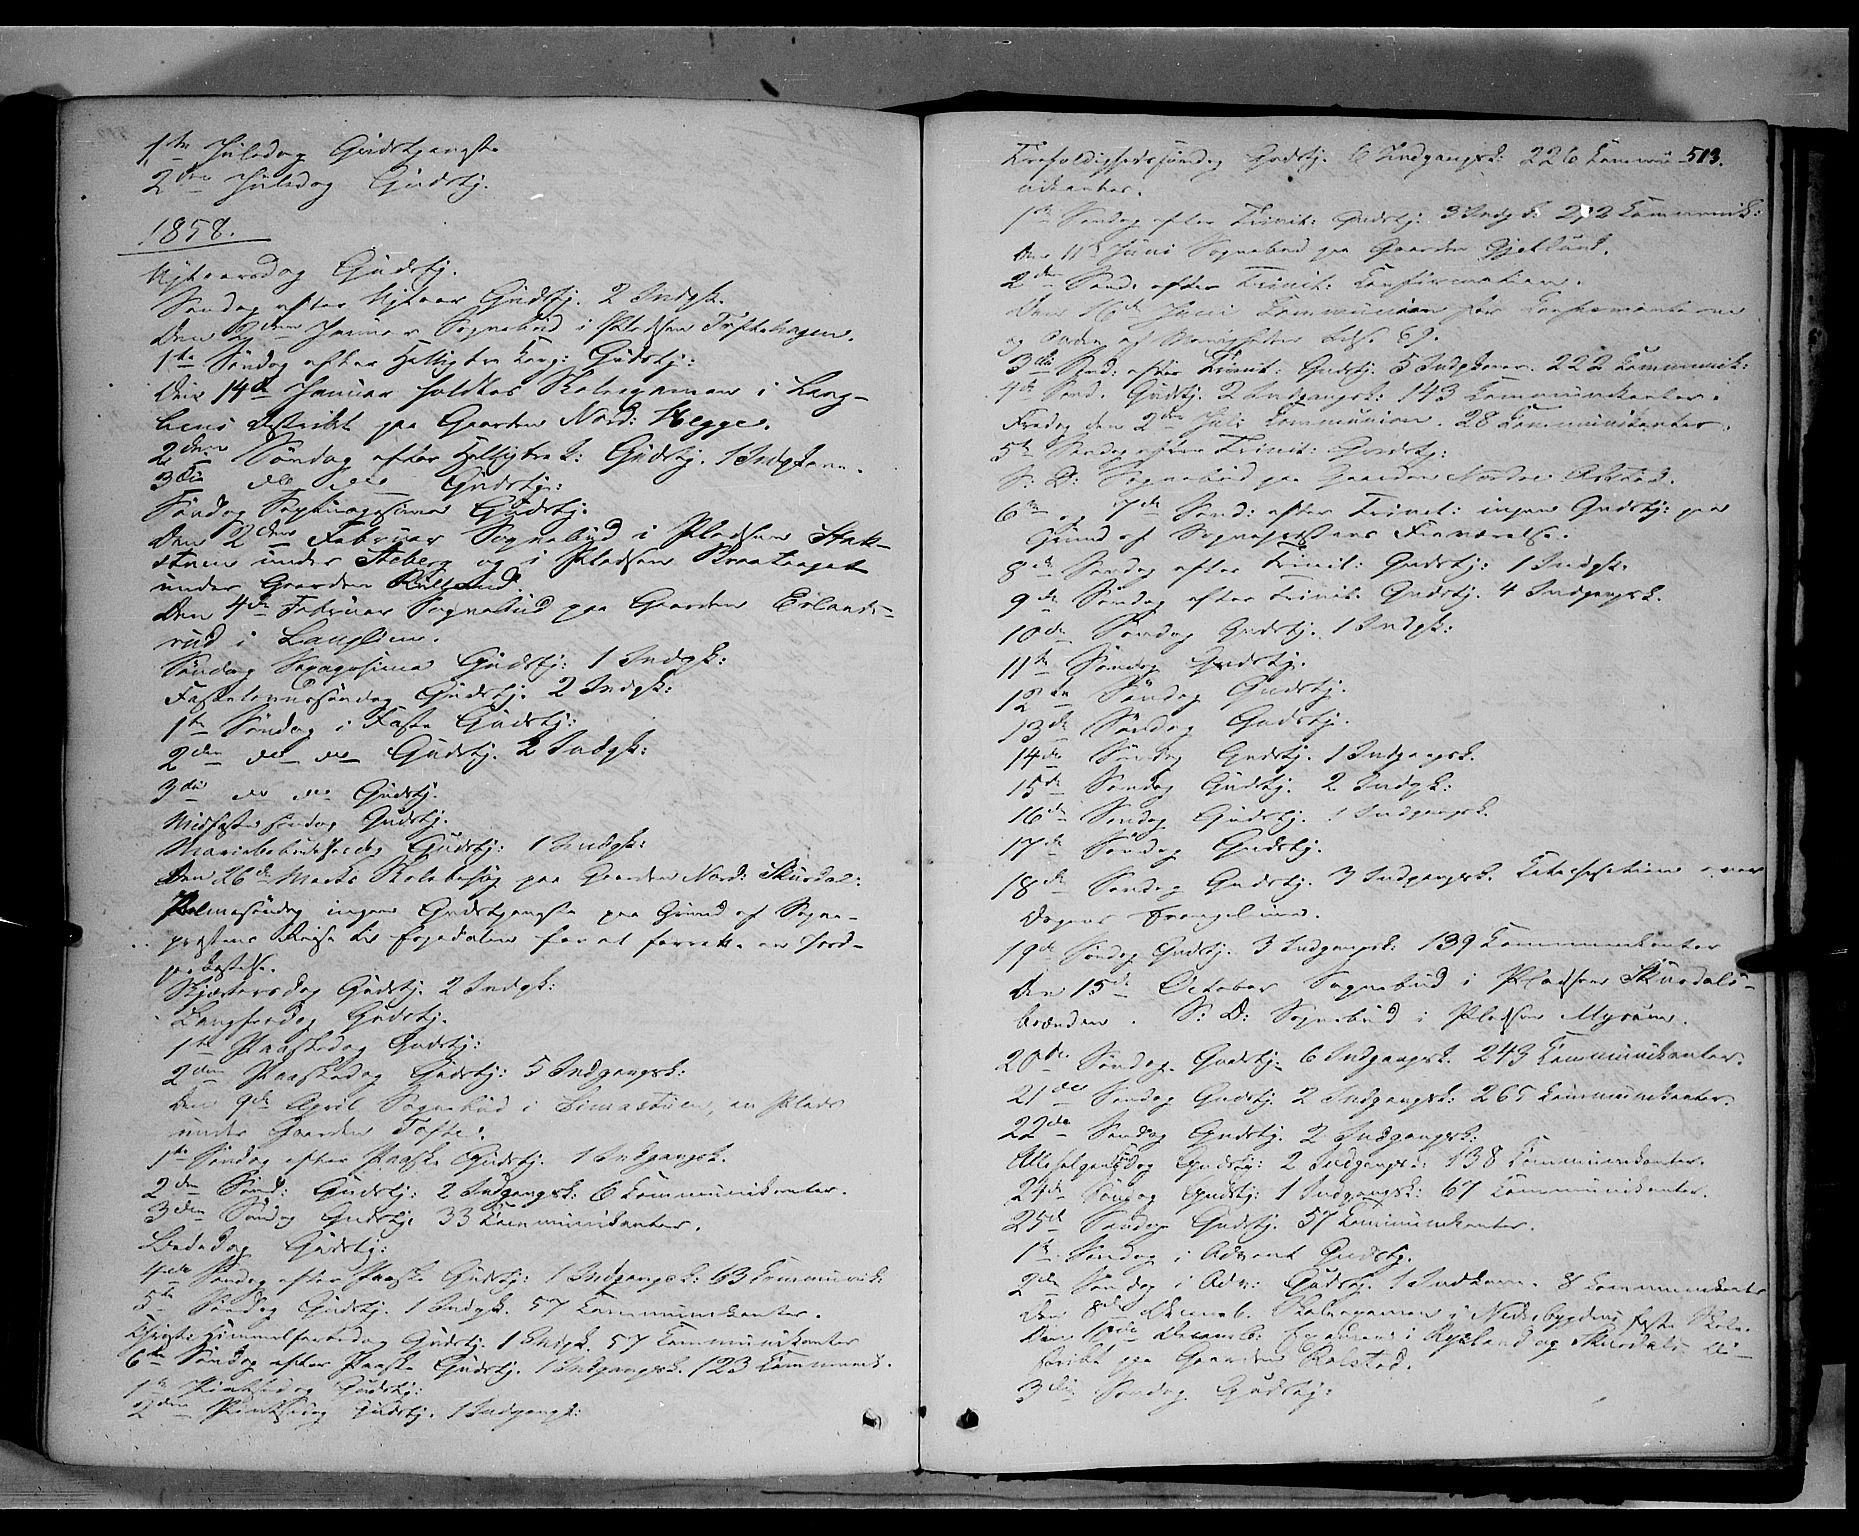 SAH, Sør-Fron prestekontor, H/Ha/Haa/L0001: Ministerialbok nr. 1, 1849-1863, s. 513